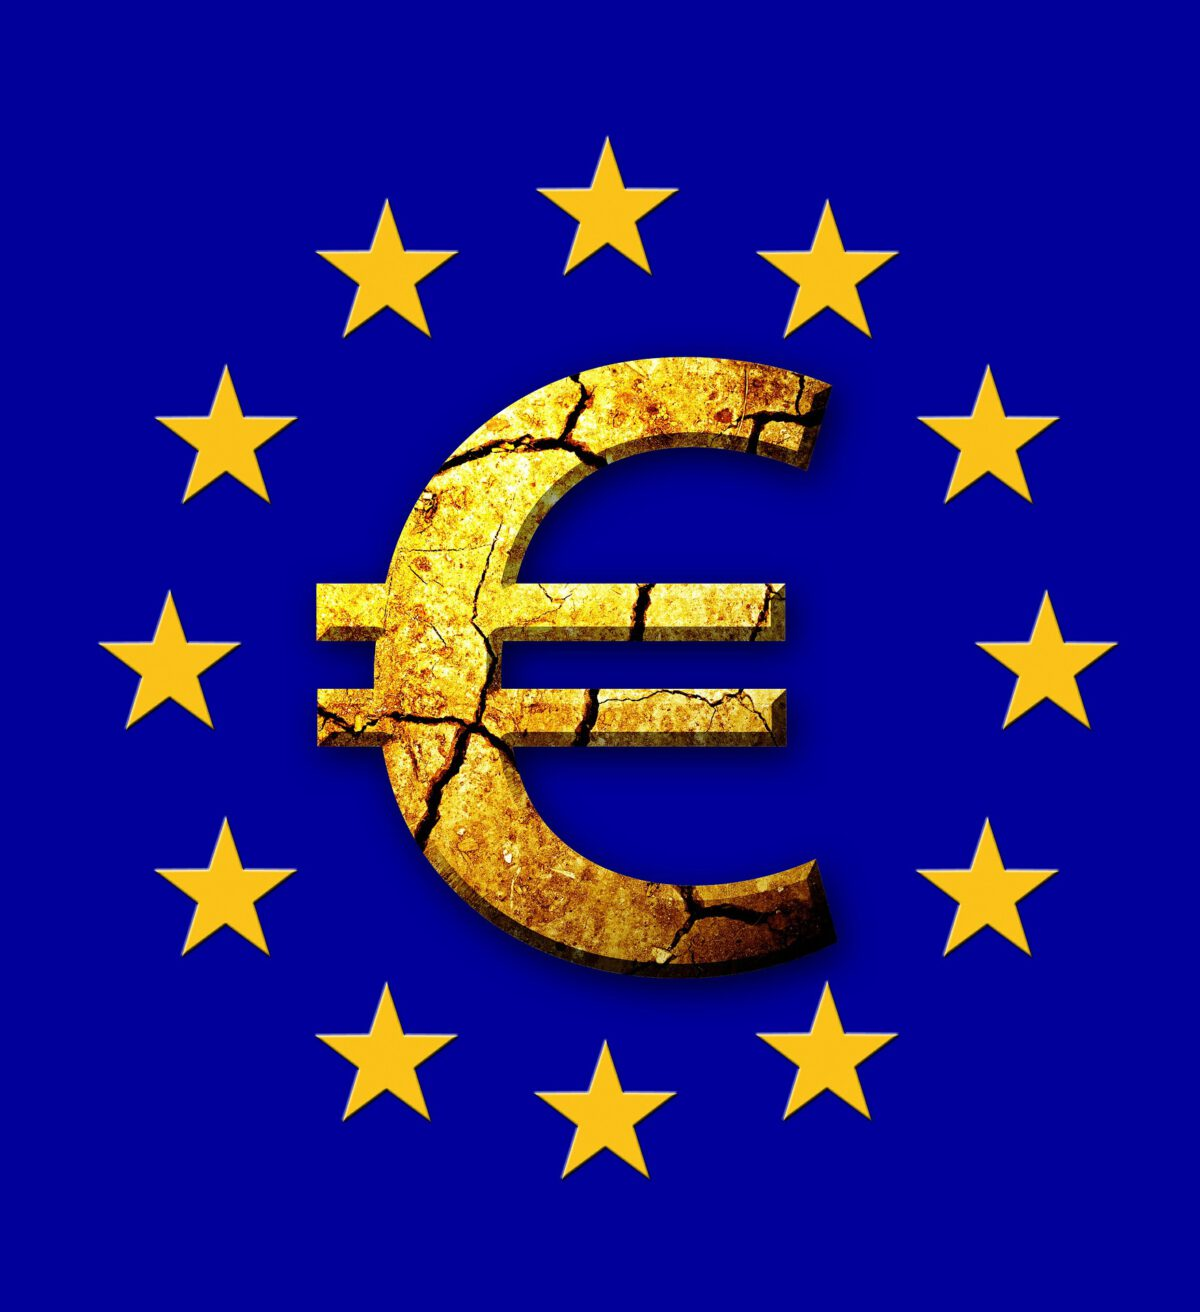 Wykup polskich obligacji państwowych przez Europejski Bank Centralny rodzi obawy o zadłużenie i inflację